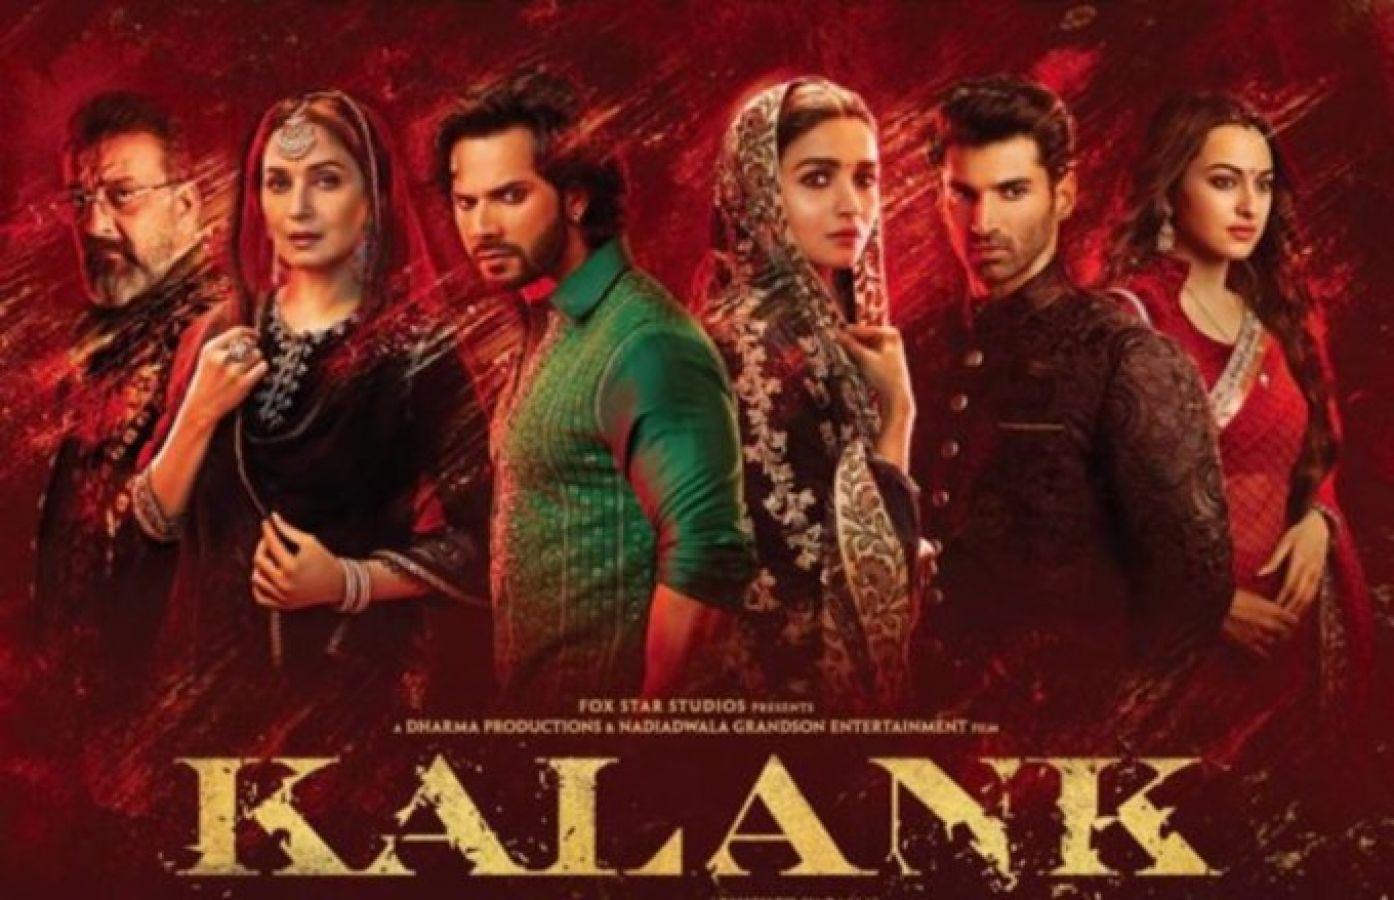 Kalank Movie Review : सामान्य कहानी, बेहतर पेशकश